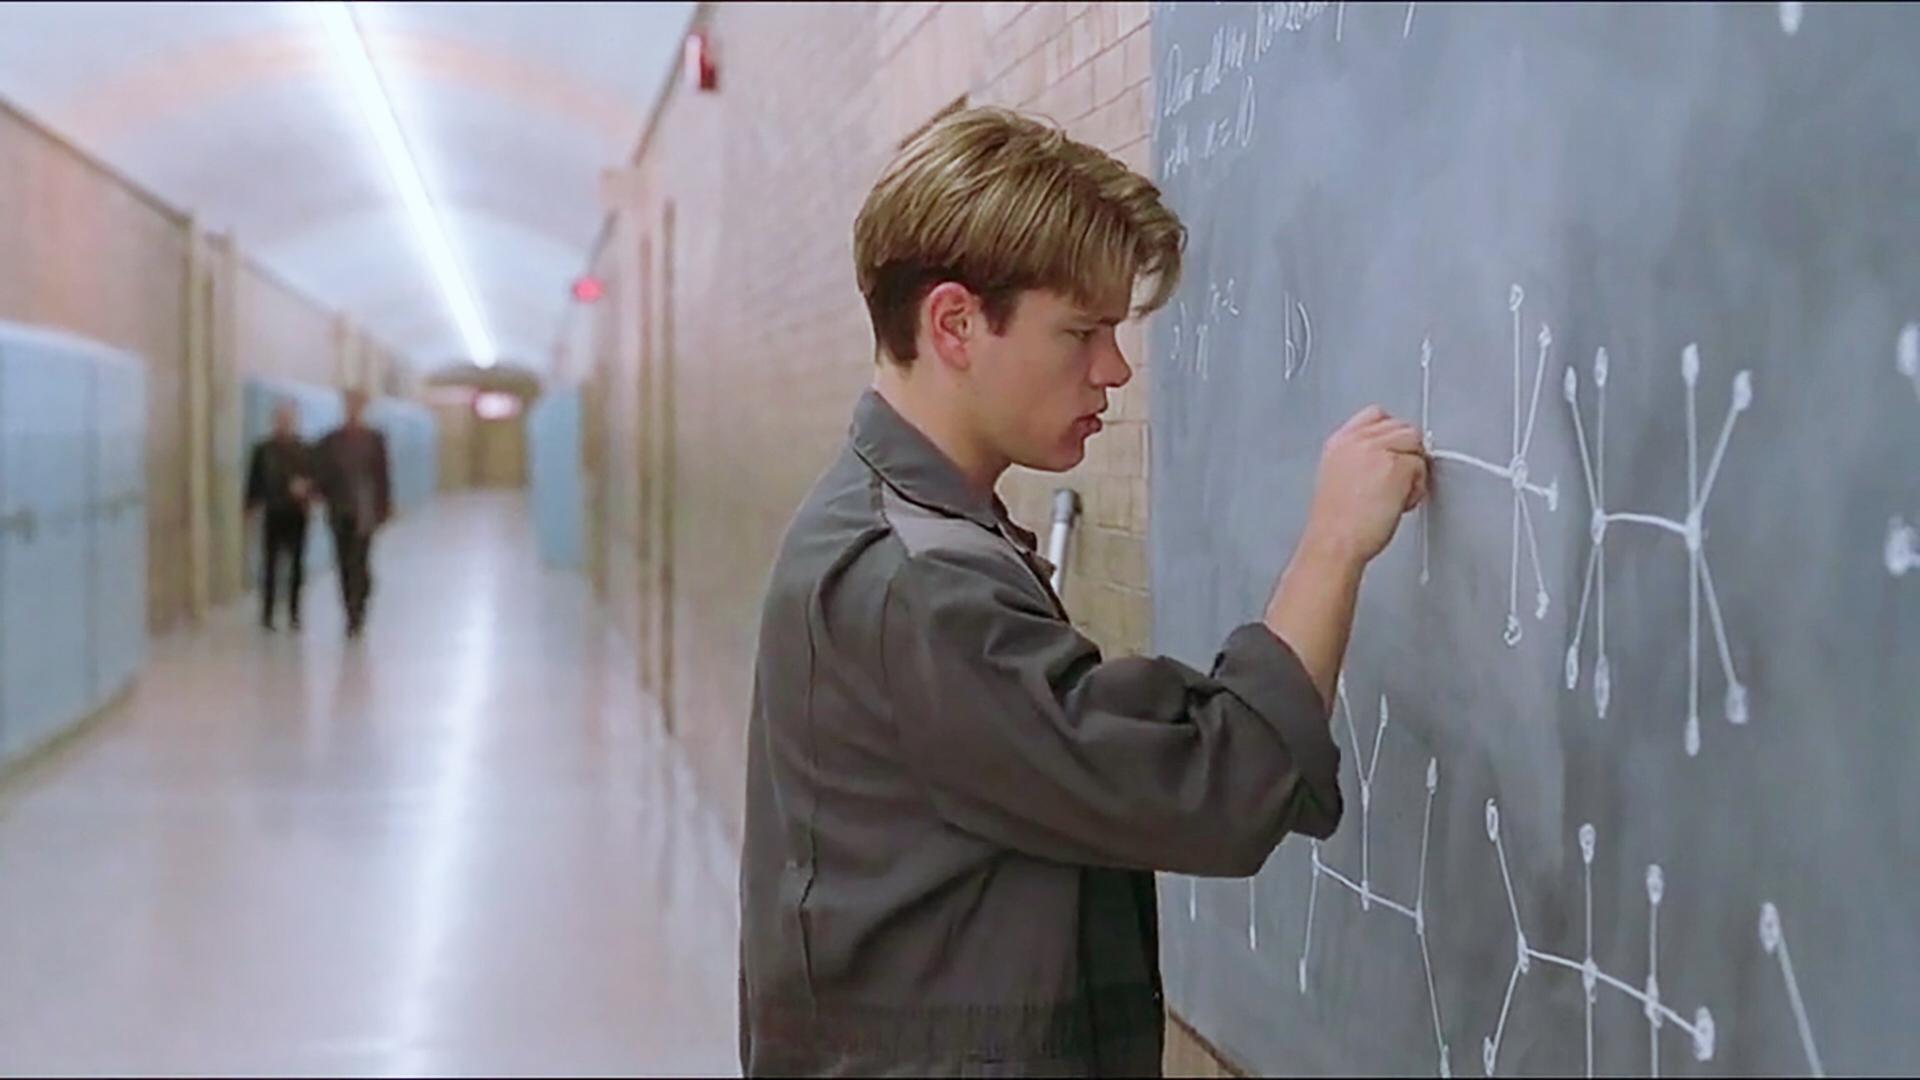 麻省理工清洁工,2分钟破解数学界世纪难题,罕见的优秀电影